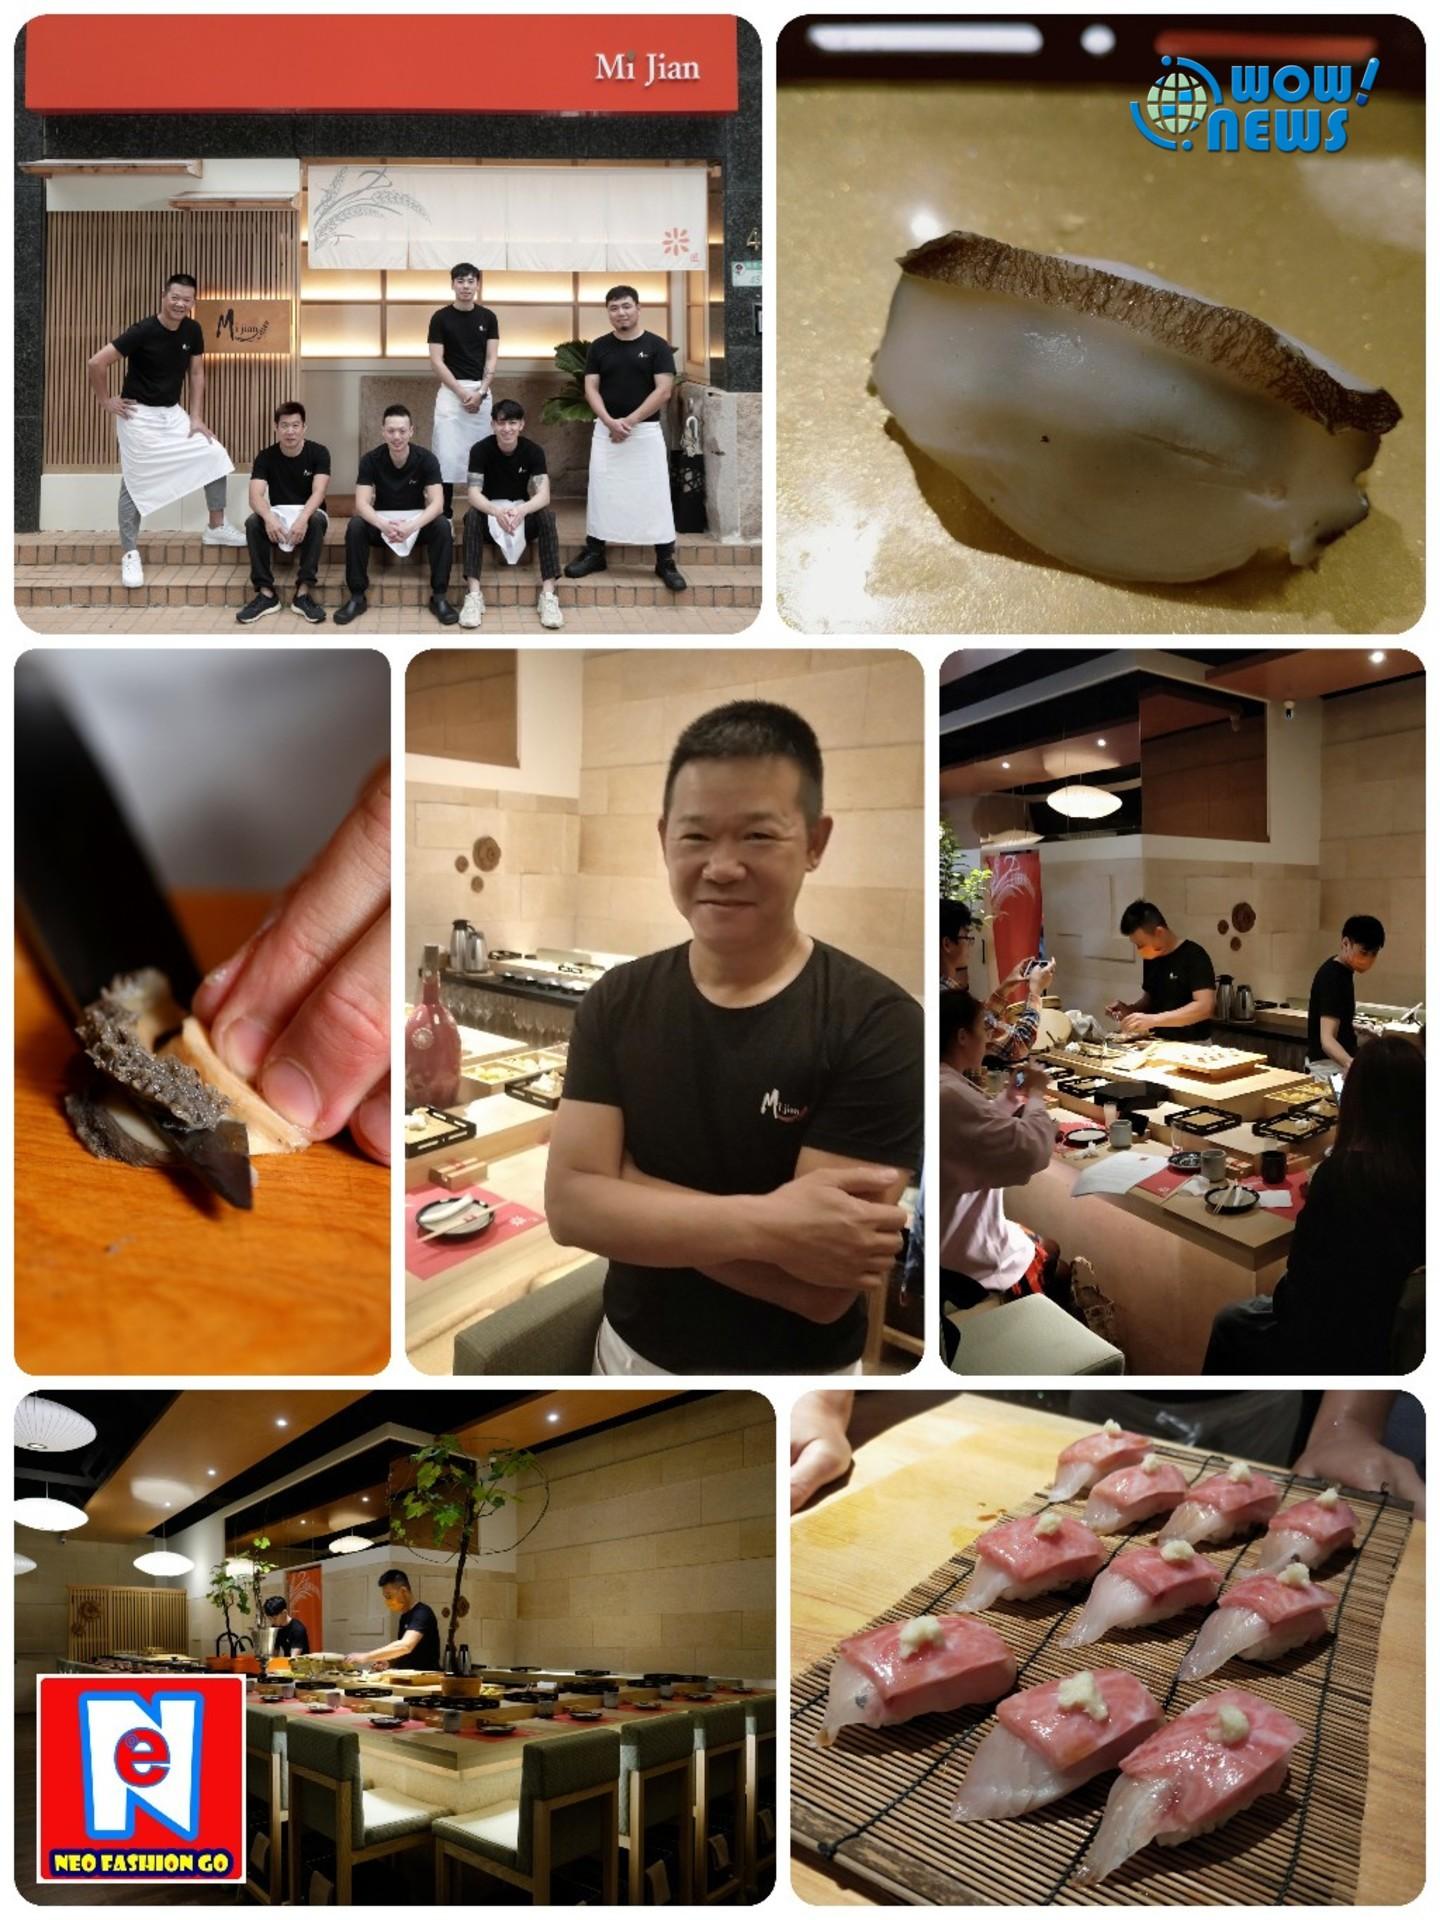 「米匠」日式料理高貴不貴 進軍內科 分享「現代藝術壽司」